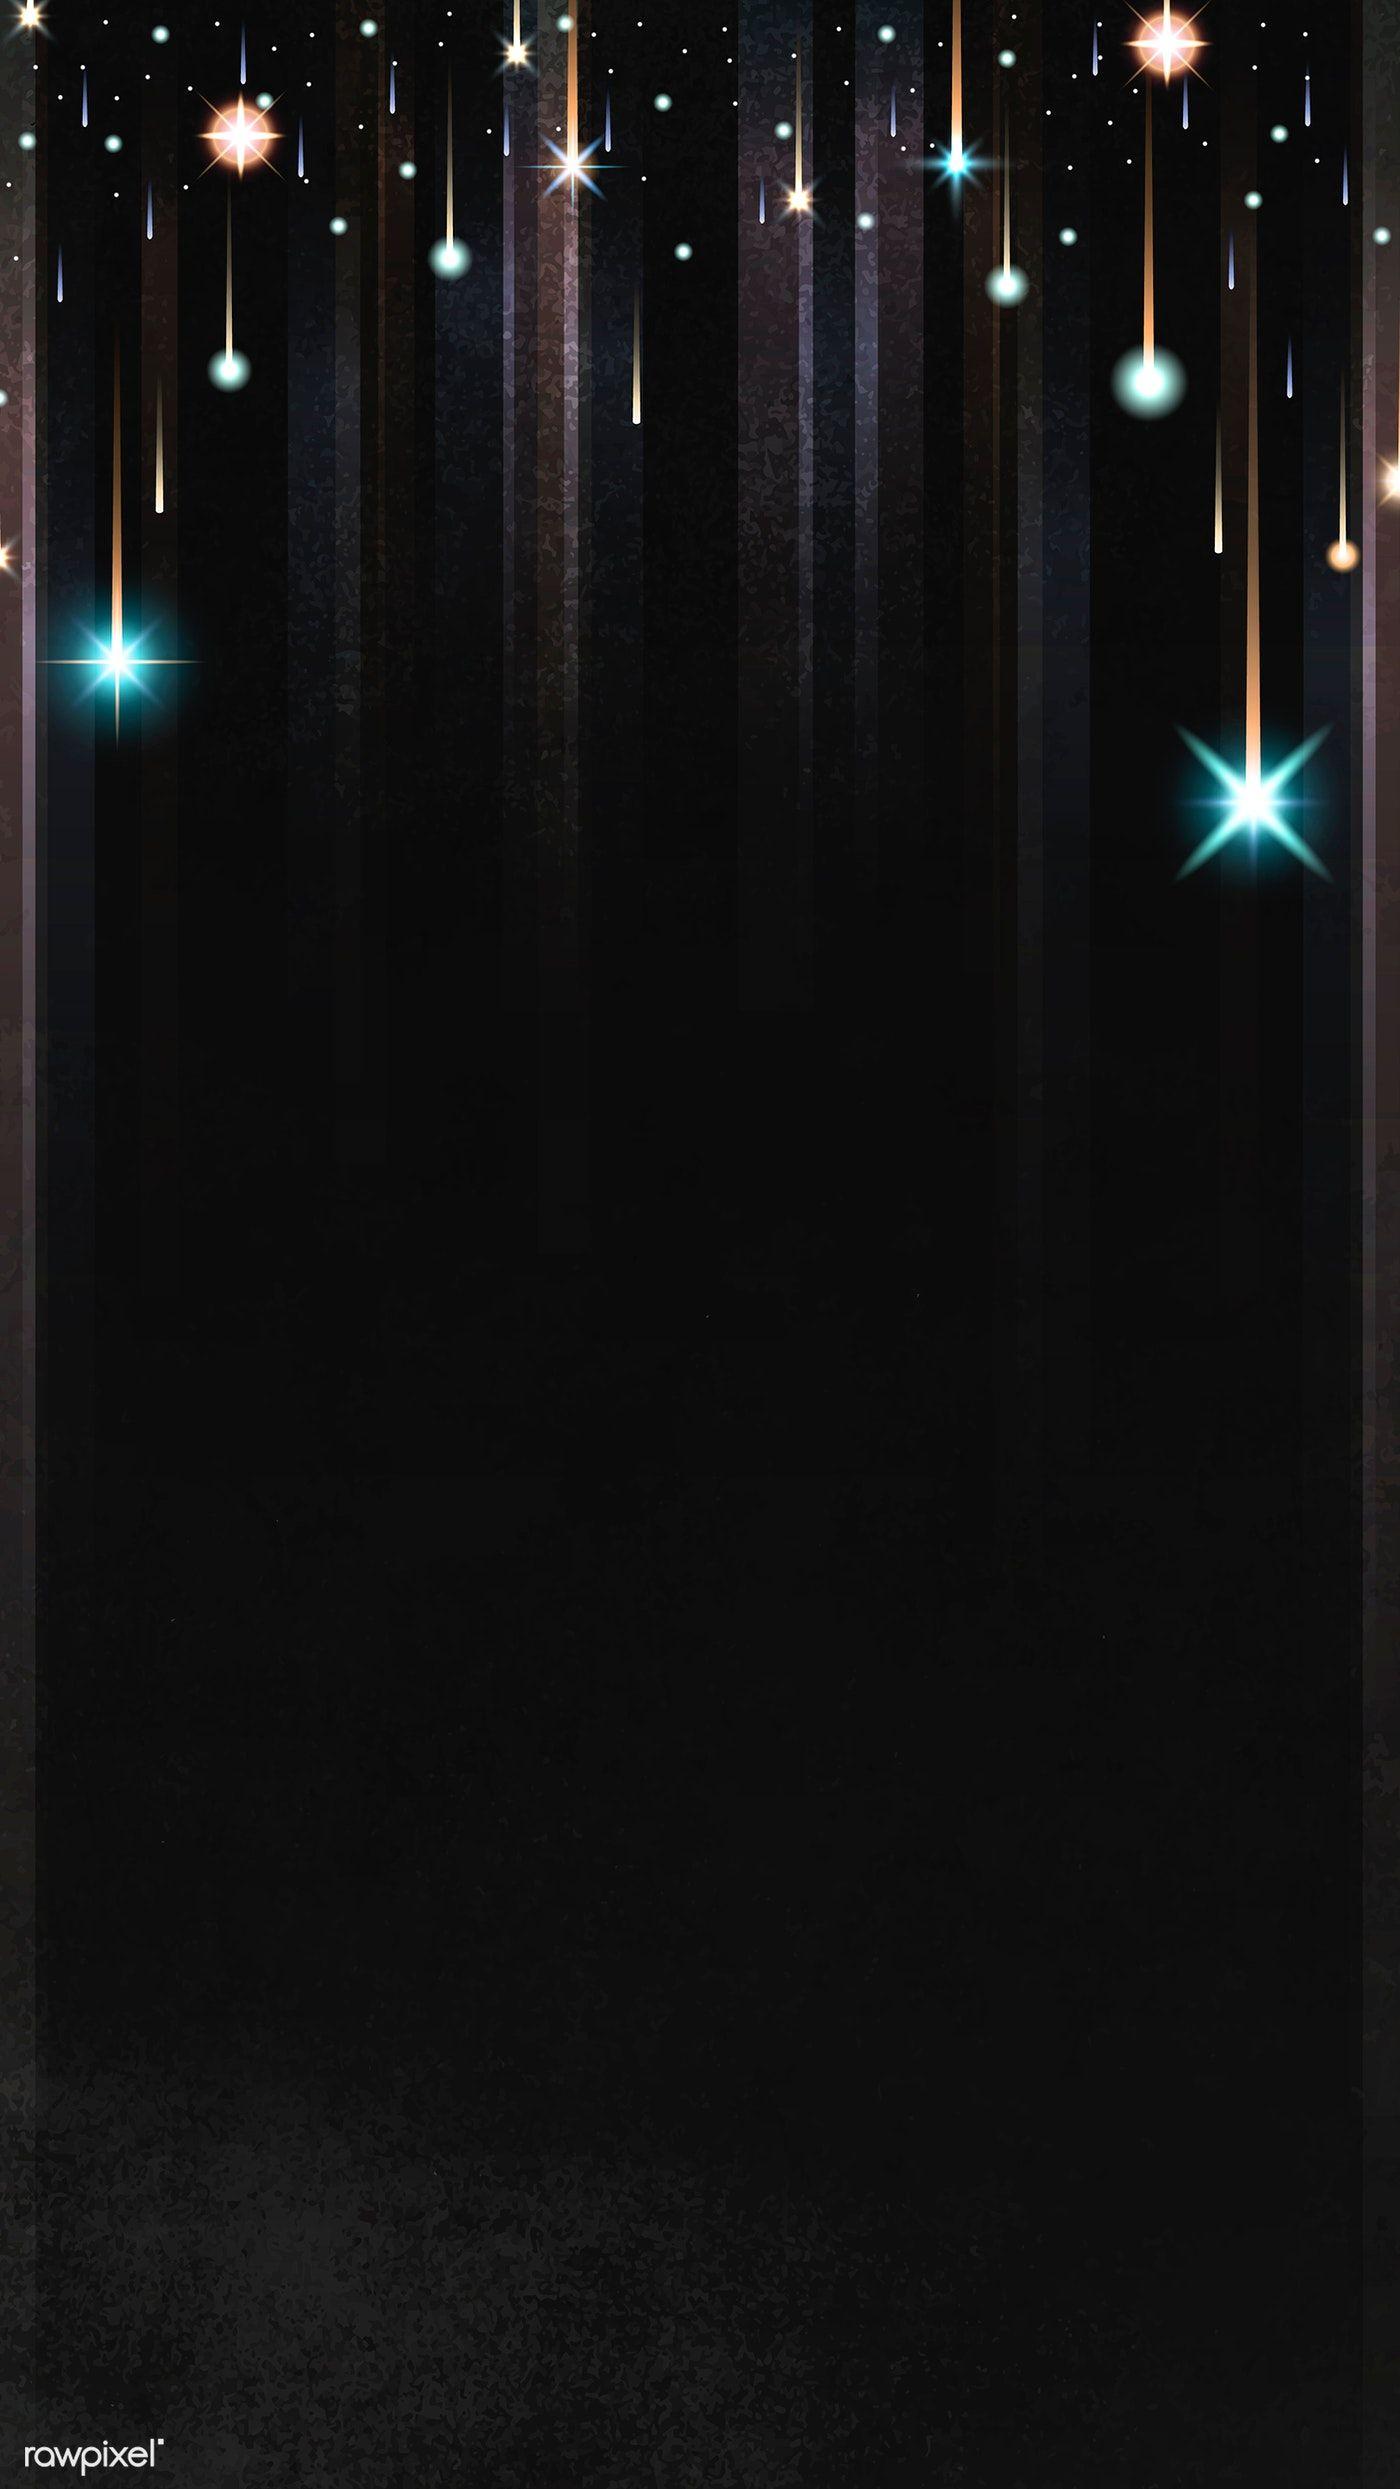 Download Premium Vector Of Gold Sparkles Patterned On Black Background Black Background Wallpaper Black Colour Background Black Background Images